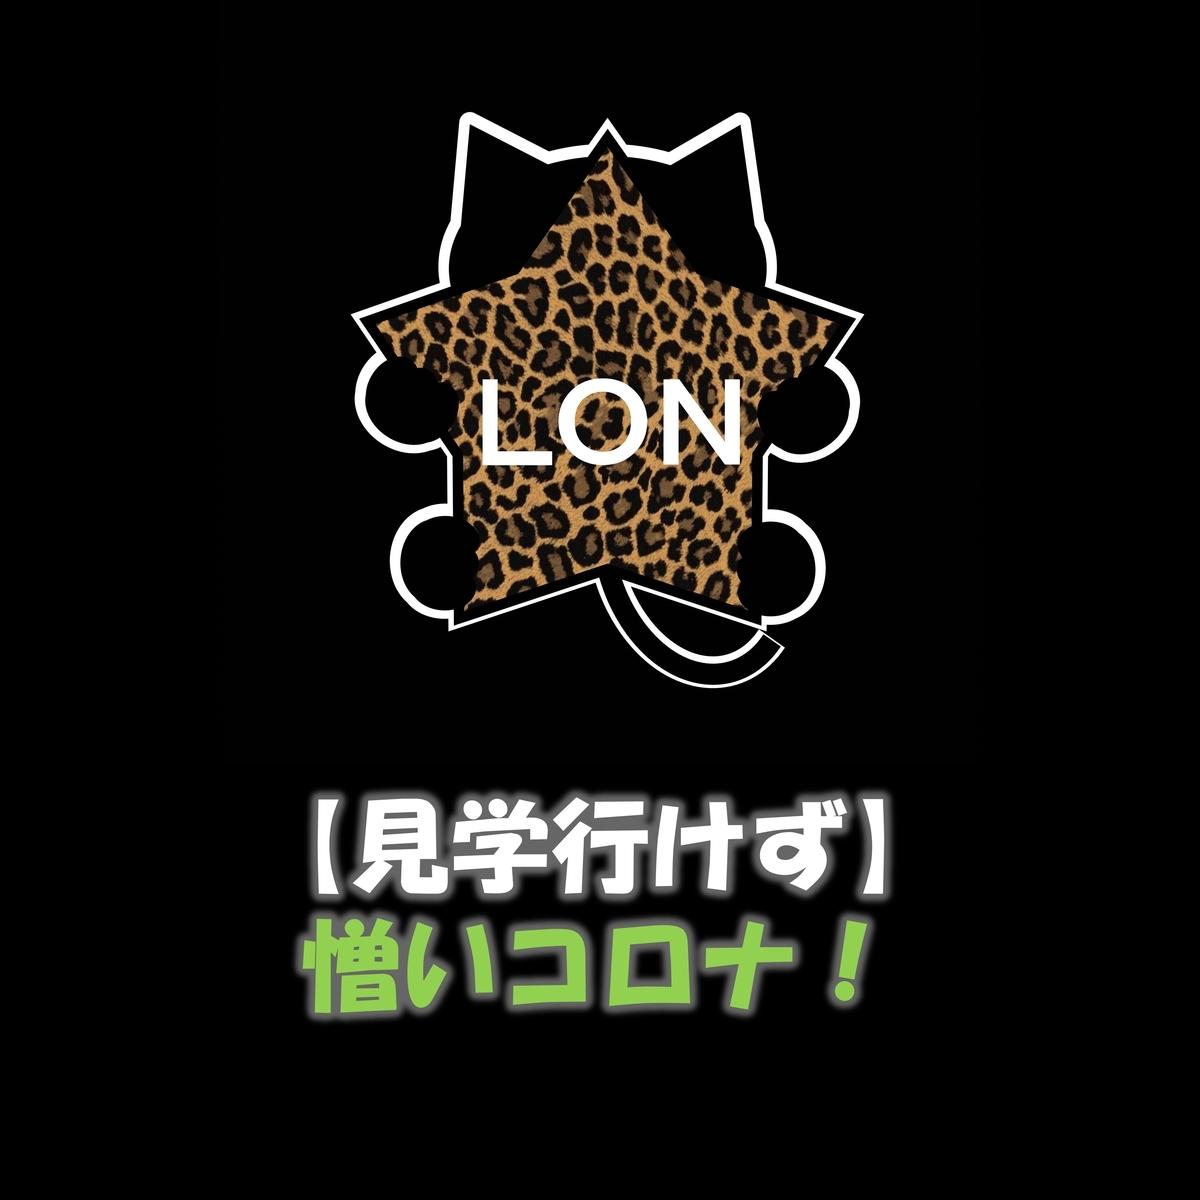 f:id:lon_blackcat:20201206152725j:plain